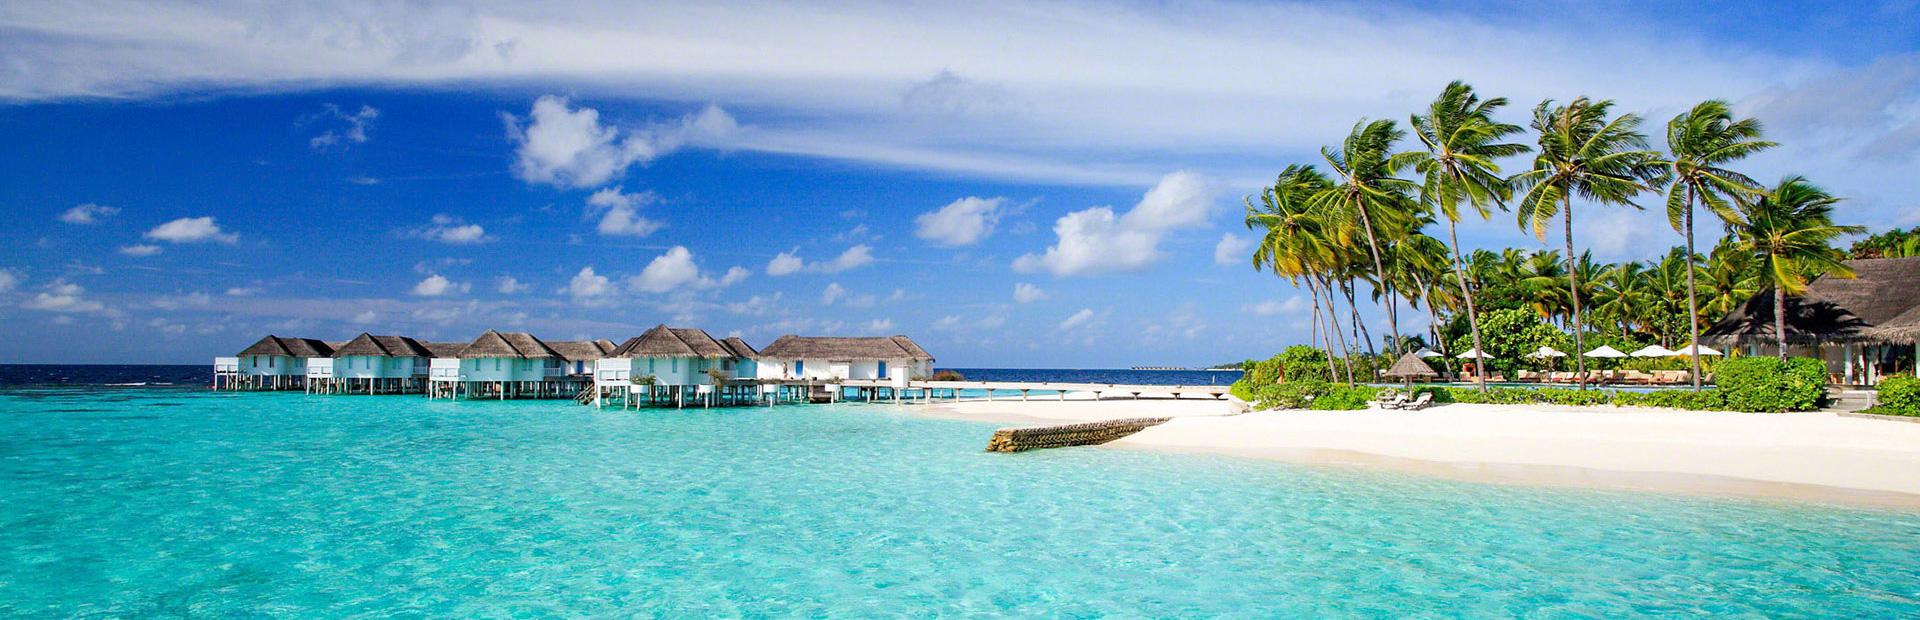 maldivi02